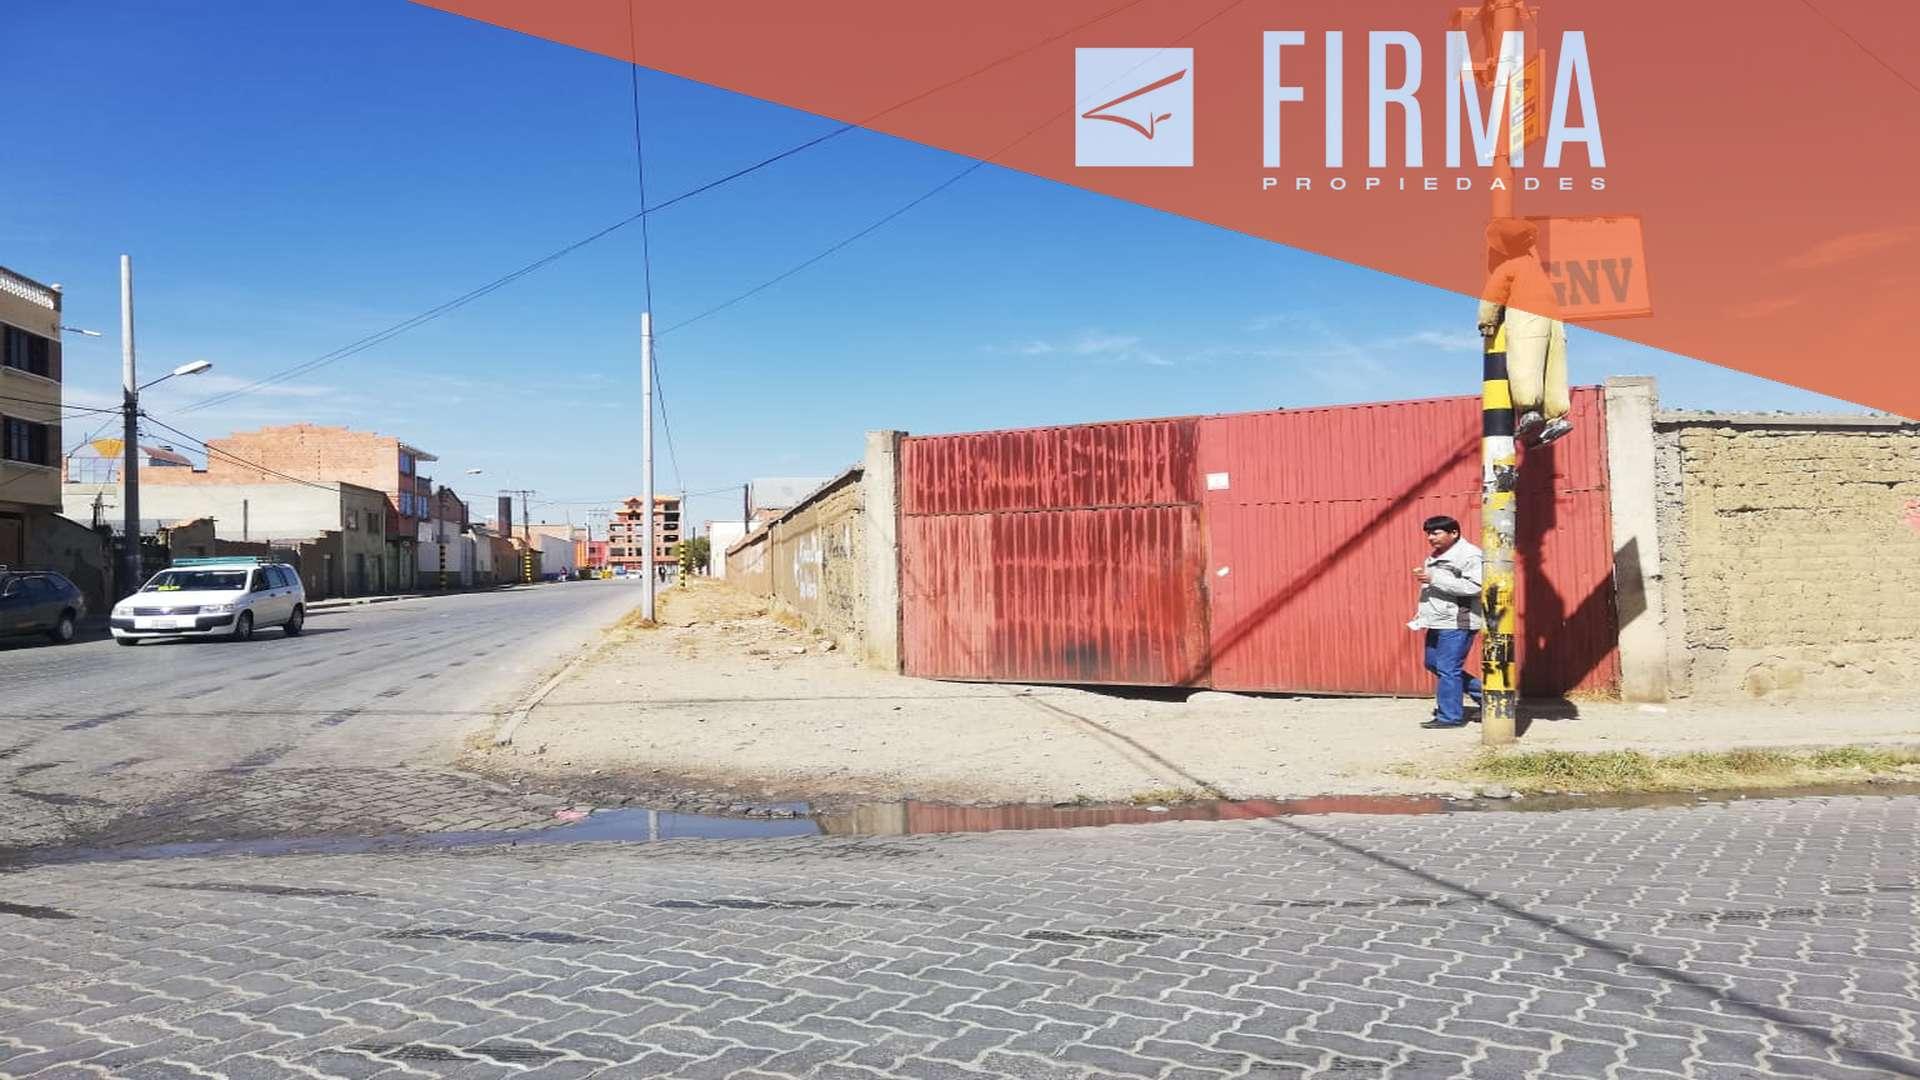 Terreno en Venta FTV36593 – COMPRA TU TERRENO EN EL ALTO Foto 8